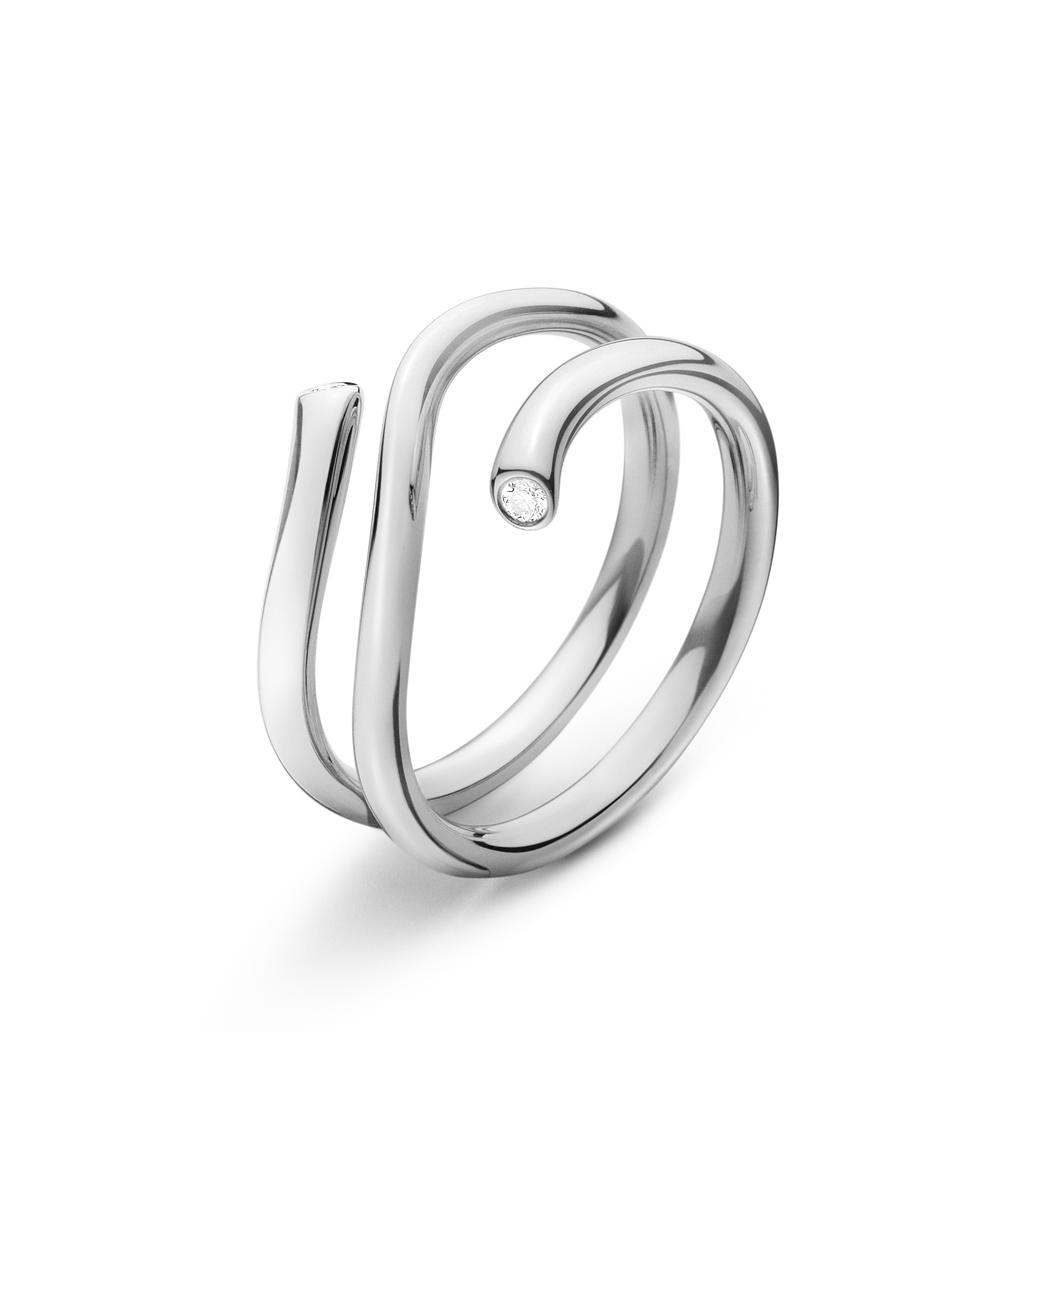 Georg Jensen Magic ring hvidguld - 20000342 0.04 ct / hvg 56